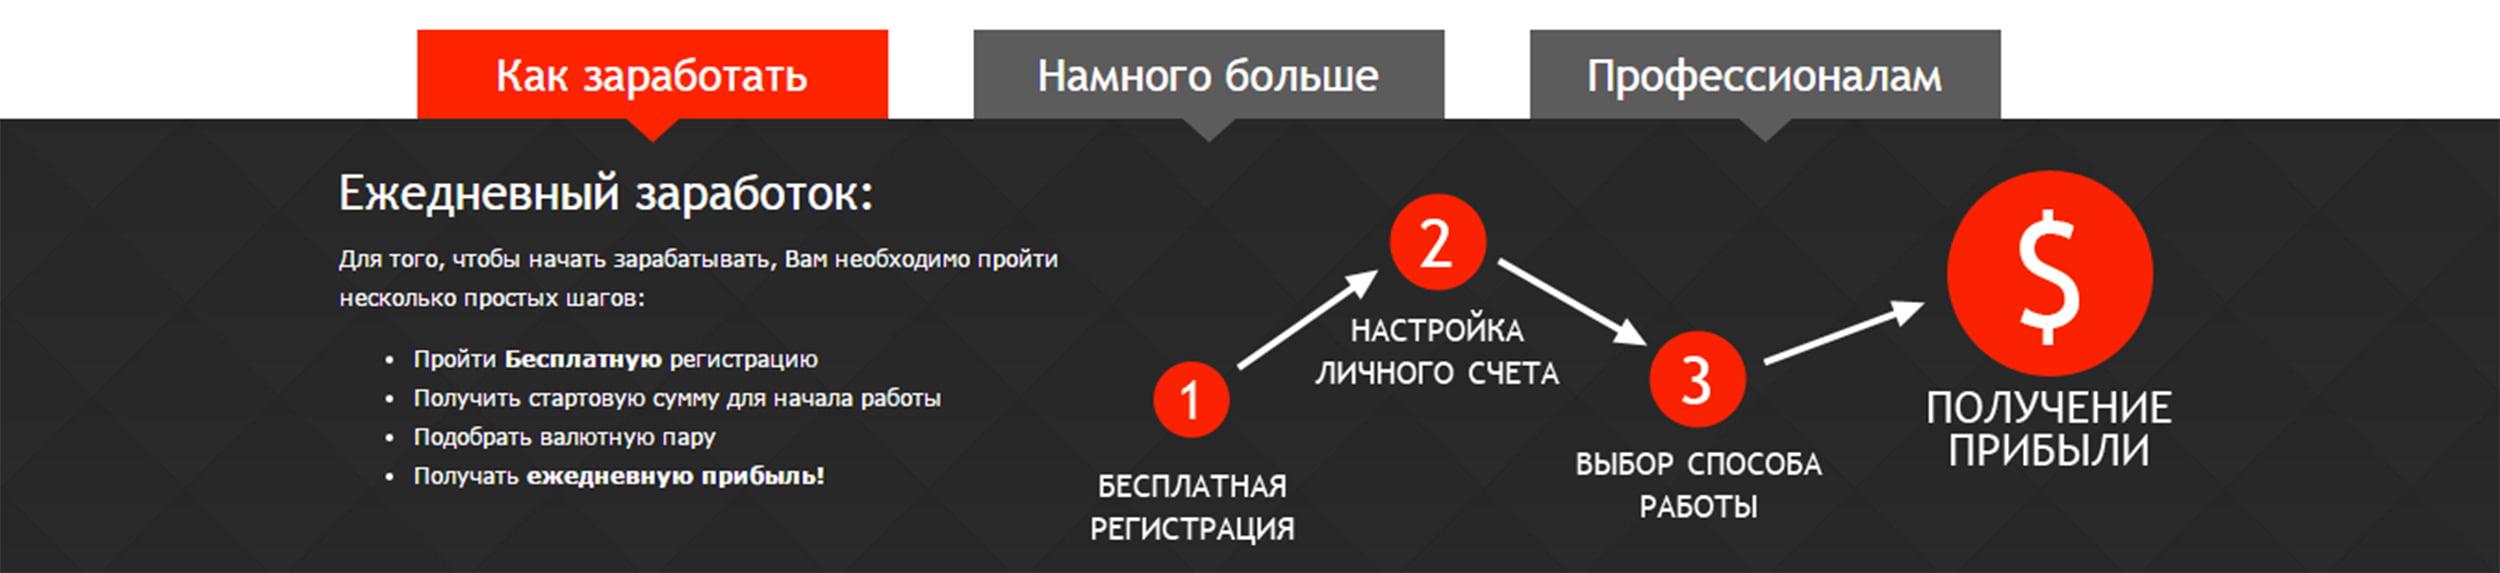 Идея проекта Red Option